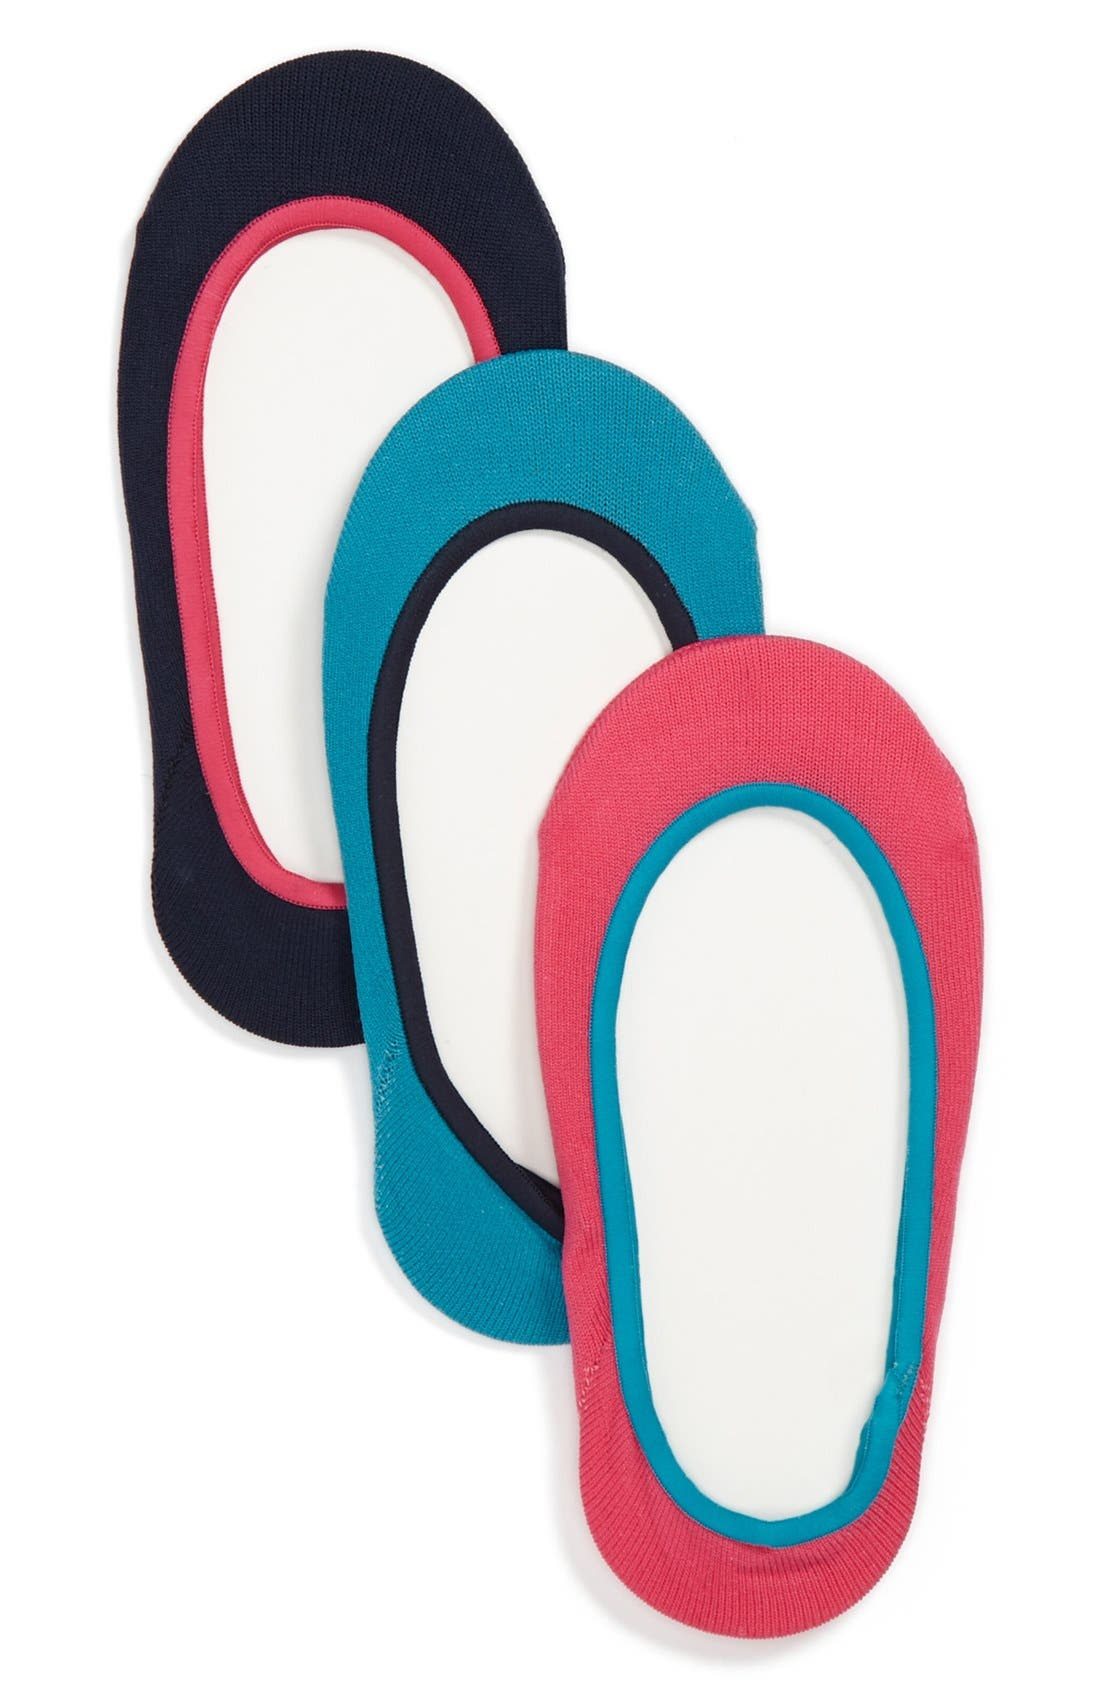 Alternate Image 1 Selected - Nordstrom Liner Socks (3-Pack) (Toddler & Little Girls)